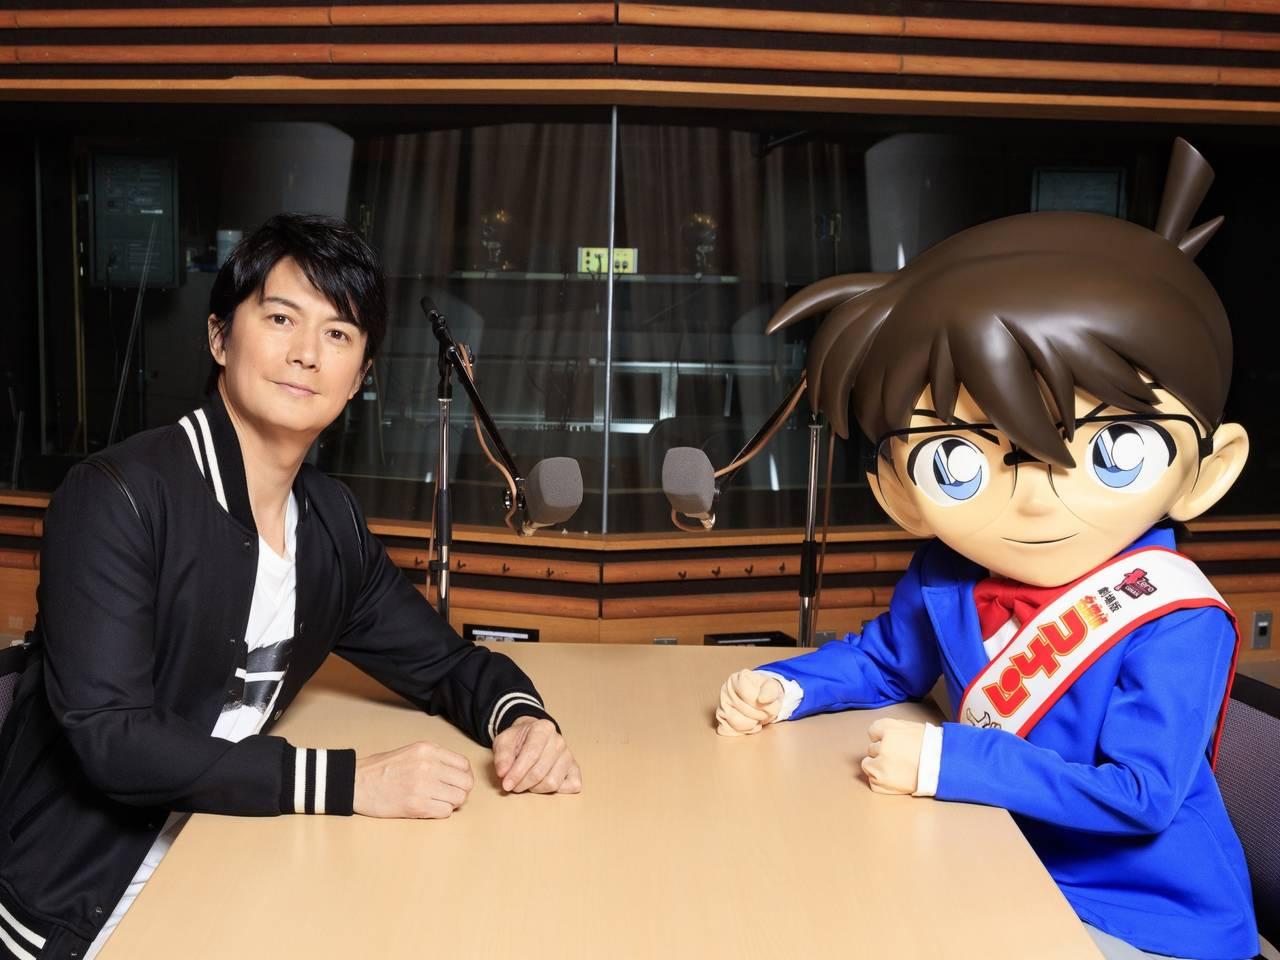 福山雅治 福のラジオ/名探偵コナン